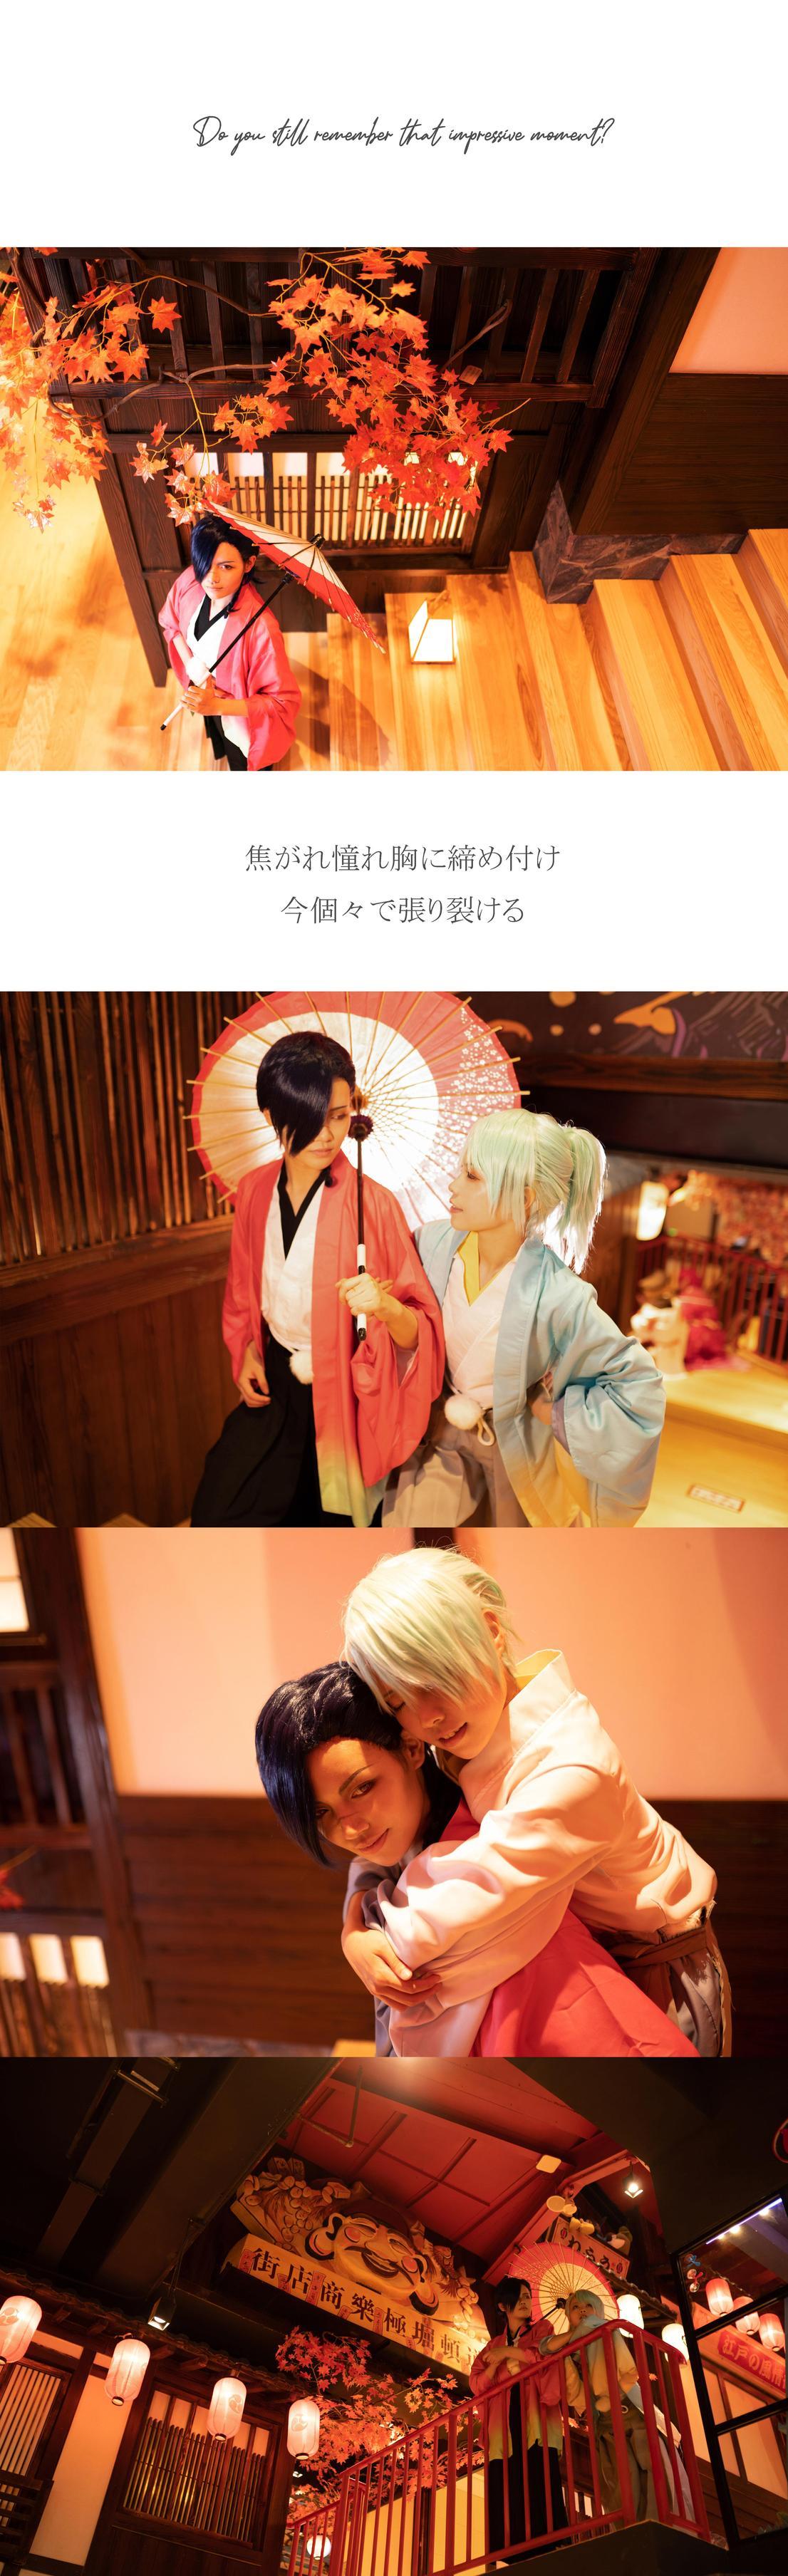 红雀cosplay【CN:芸隱】-第5张